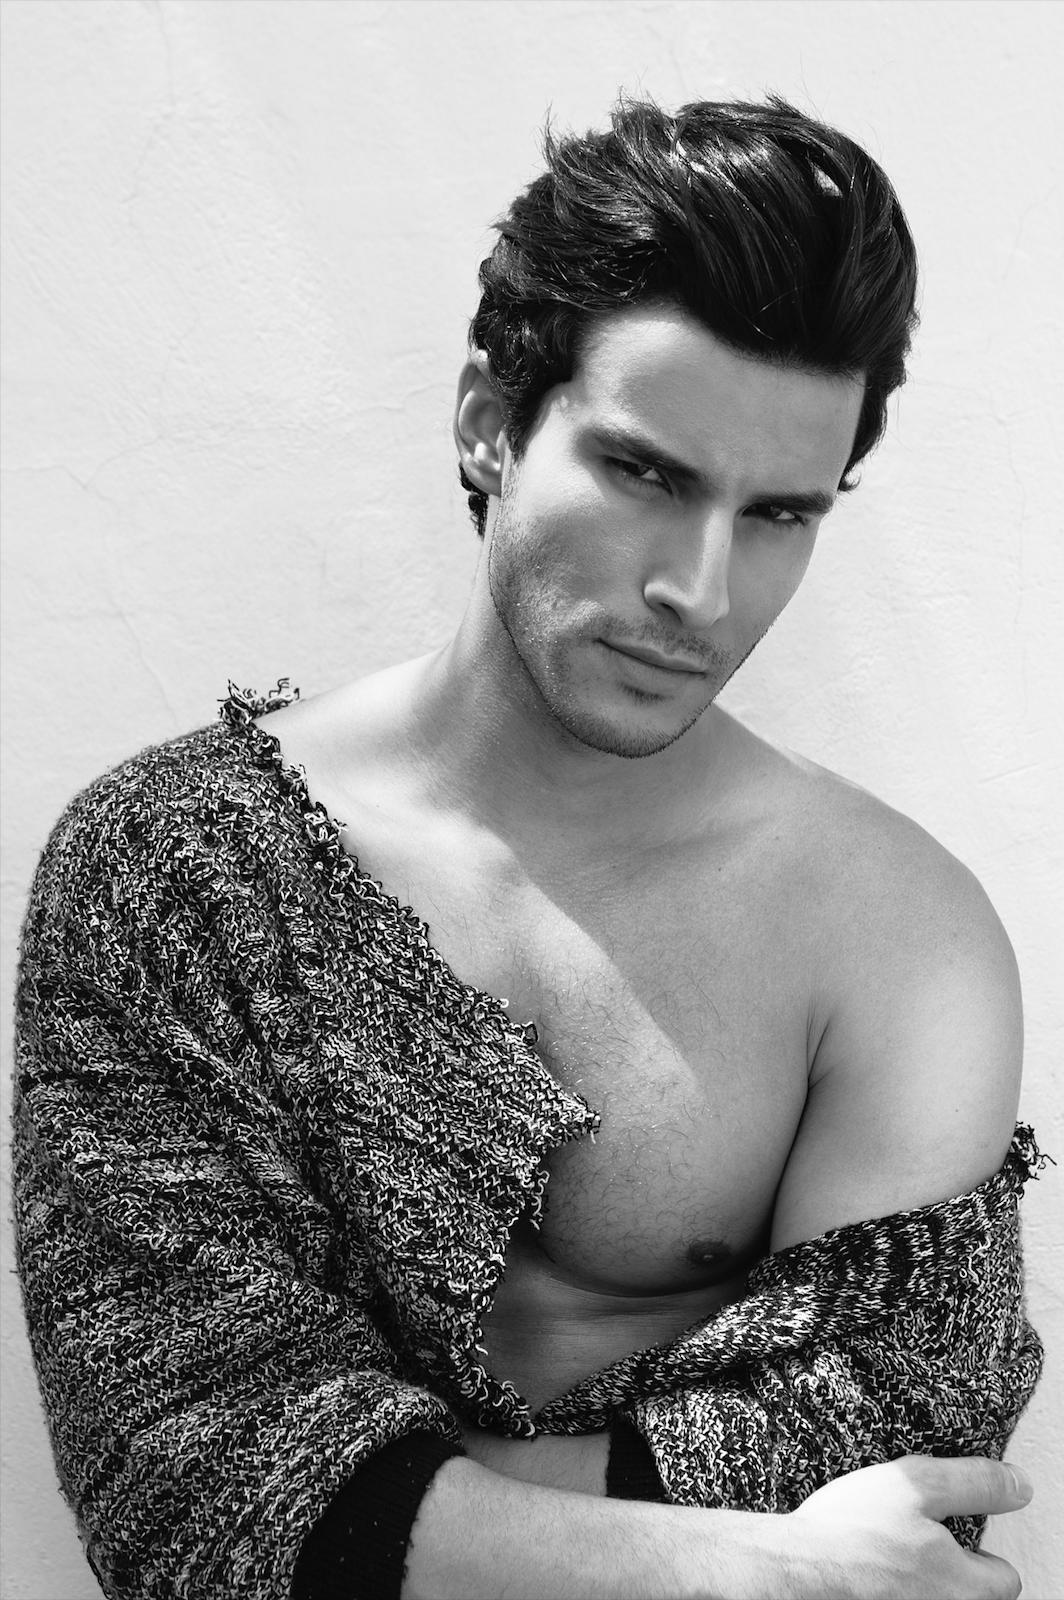 Adon Exclusive: Model Renato Freitas By Rafael Manson